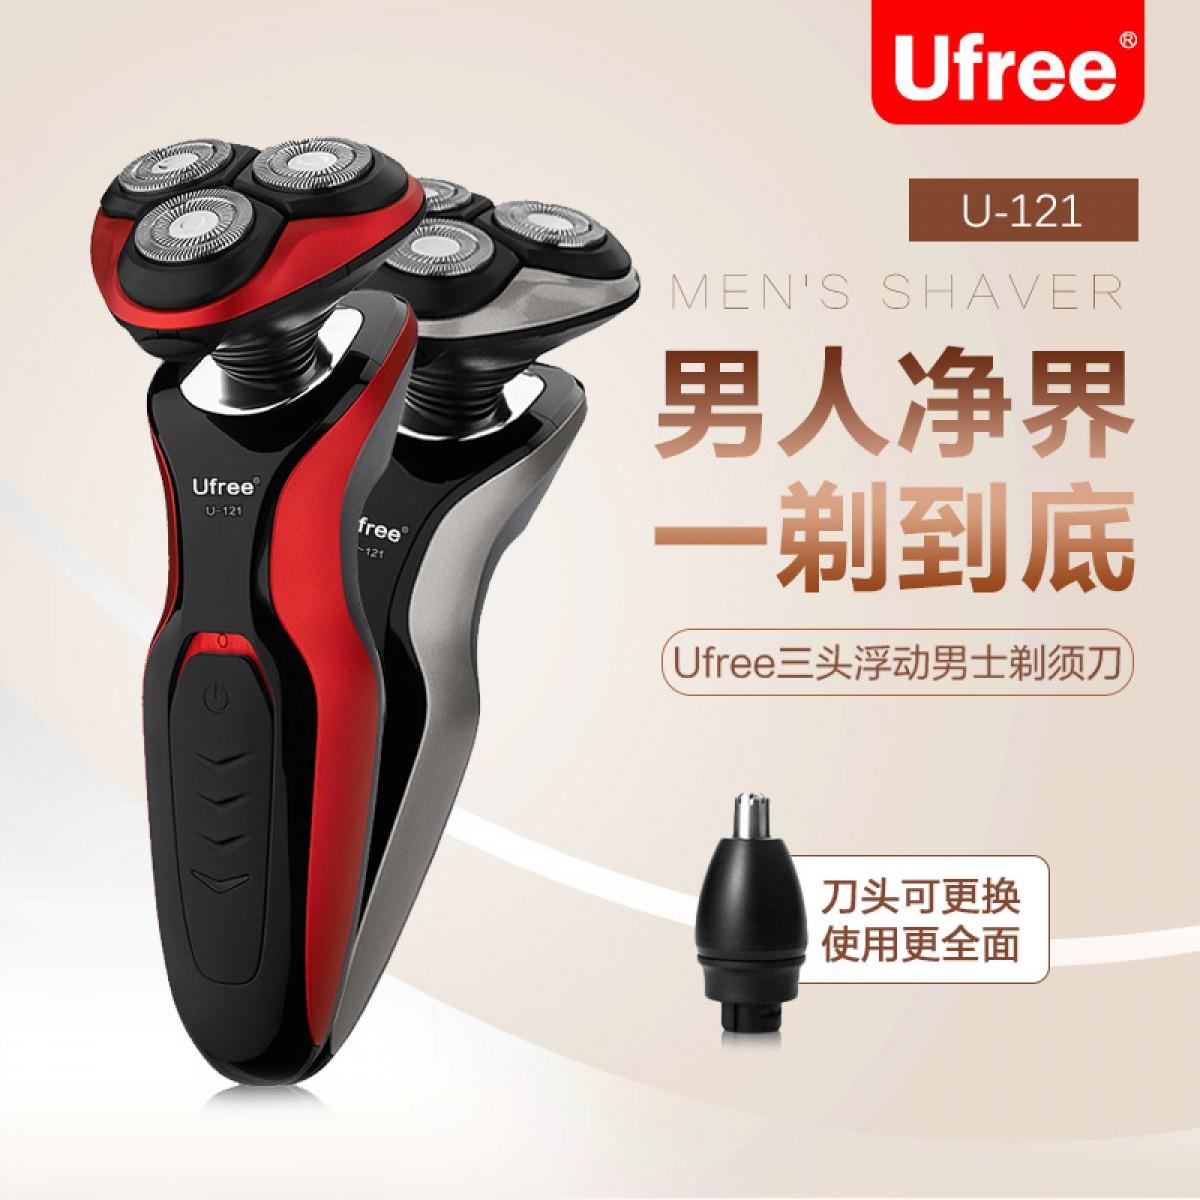 三刀头浮动充电剃须刀全身水洗电动刮胡刀USB车载充电